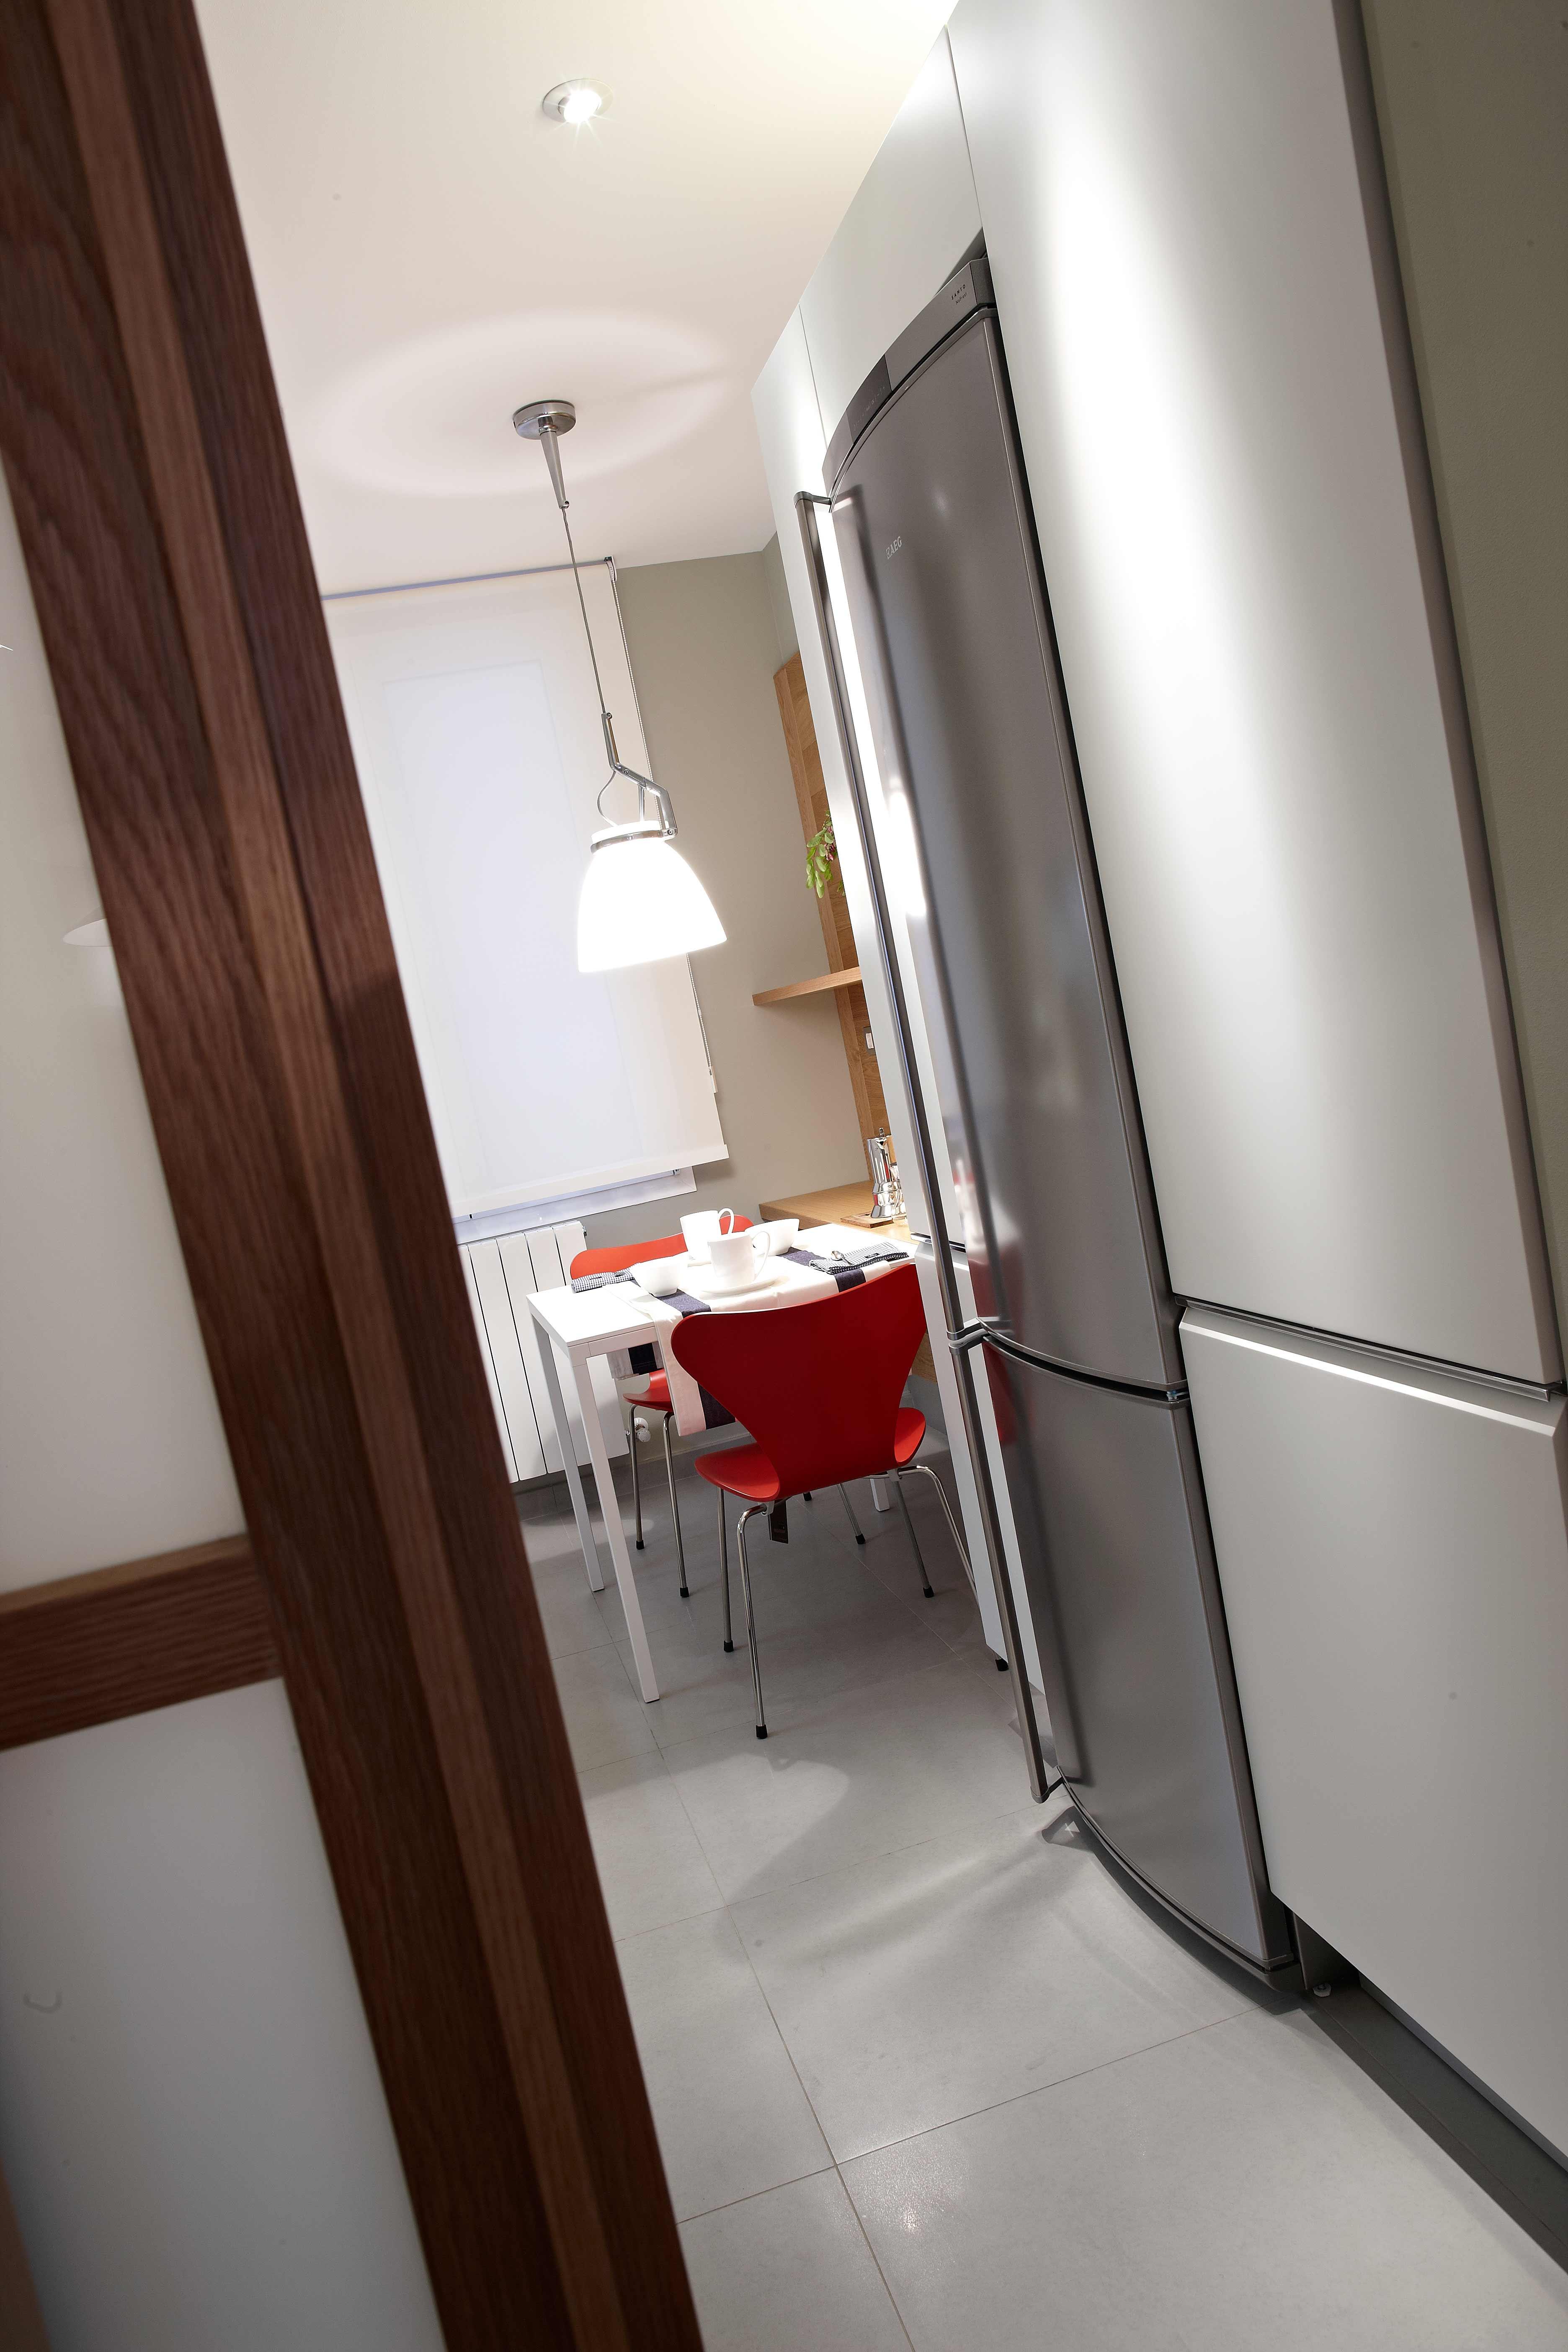 Proyectos De Interiorismo Y Decoraci N Mosel # Muebles Baigorri